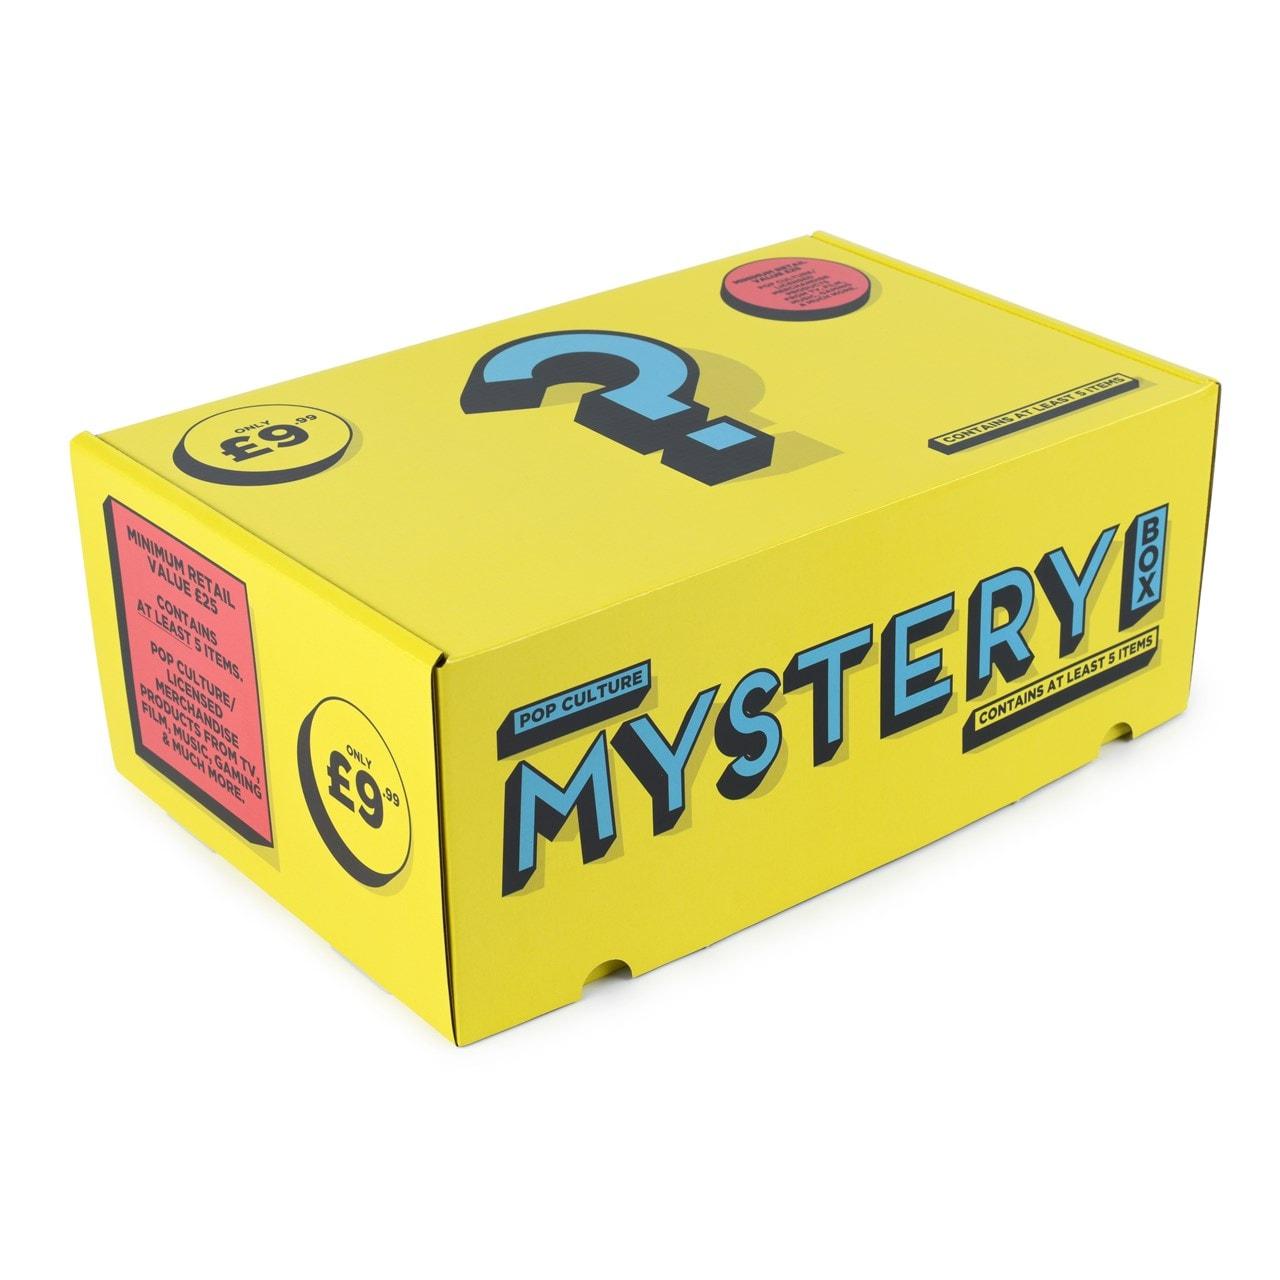 Fully Stocked! Mystery Box - 3